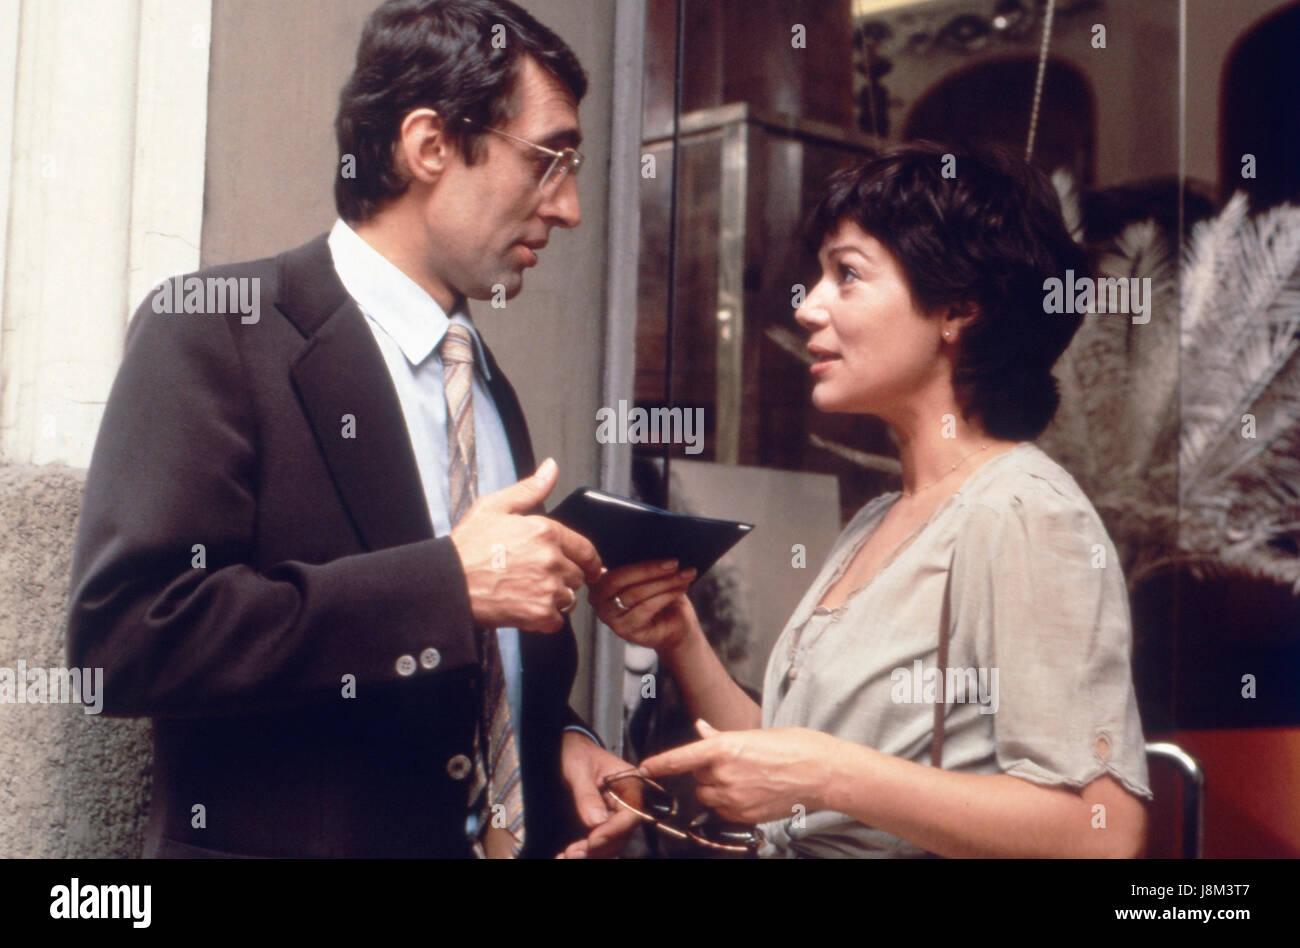 Wer Hat Den Schaden Kinofilm Deutschland 1981 Regie Dieter Wedel Acteurs Felix Von Manteuffel Hannelore Elsner Jorg Pleva Photo Stock Alamy